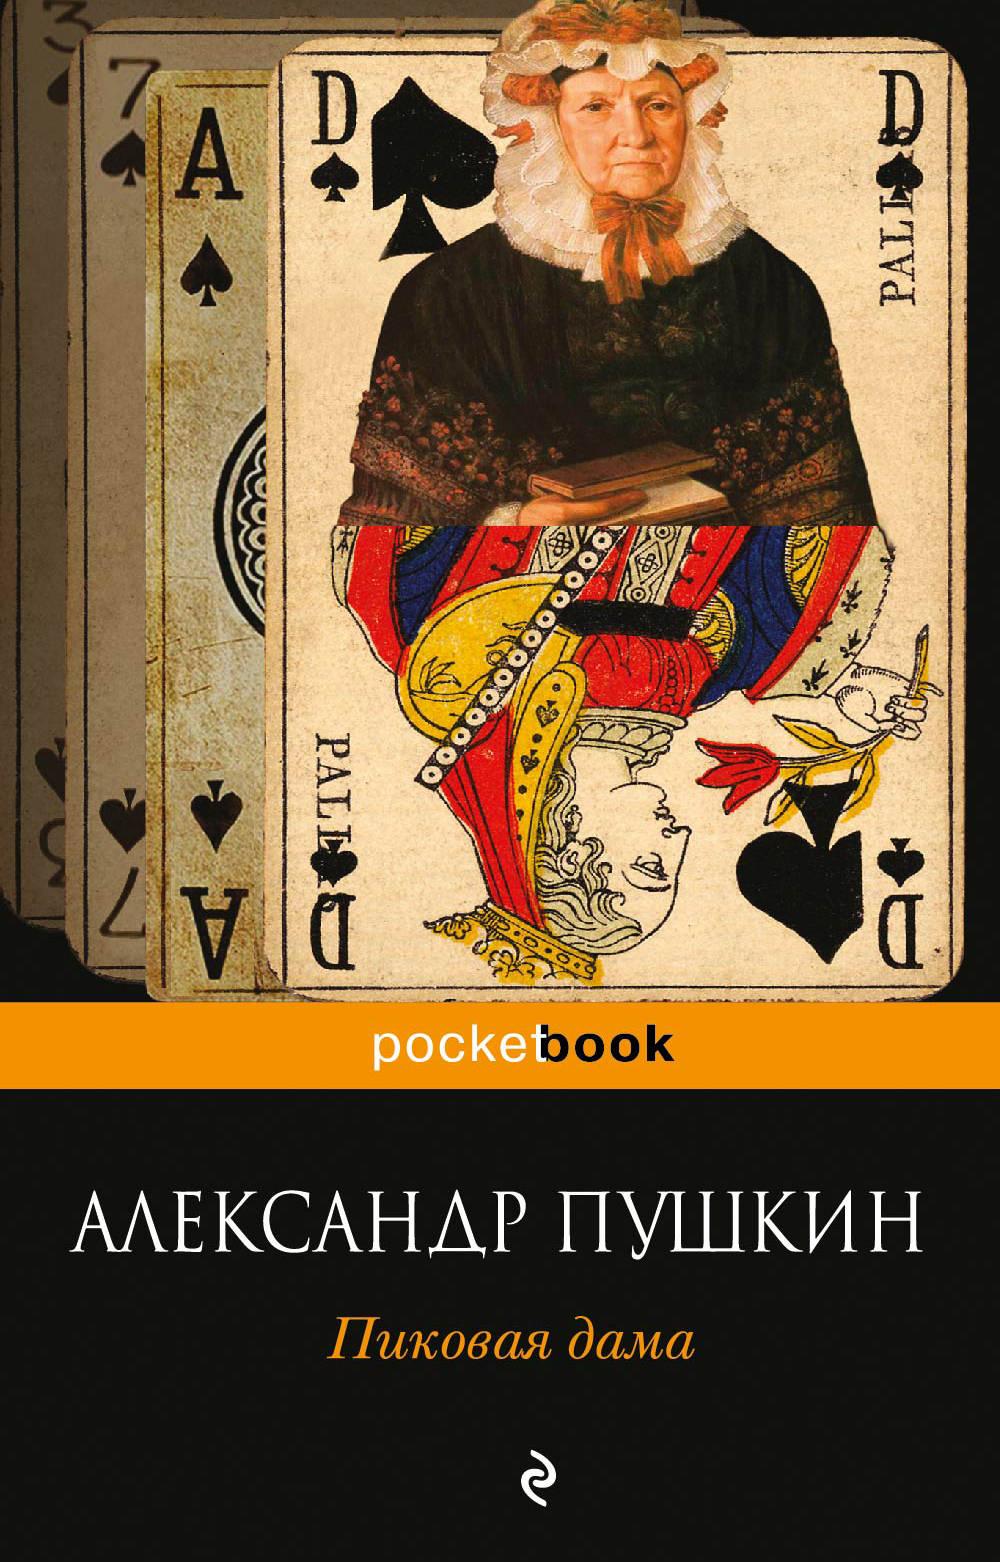 пиковая дама скачать книгу